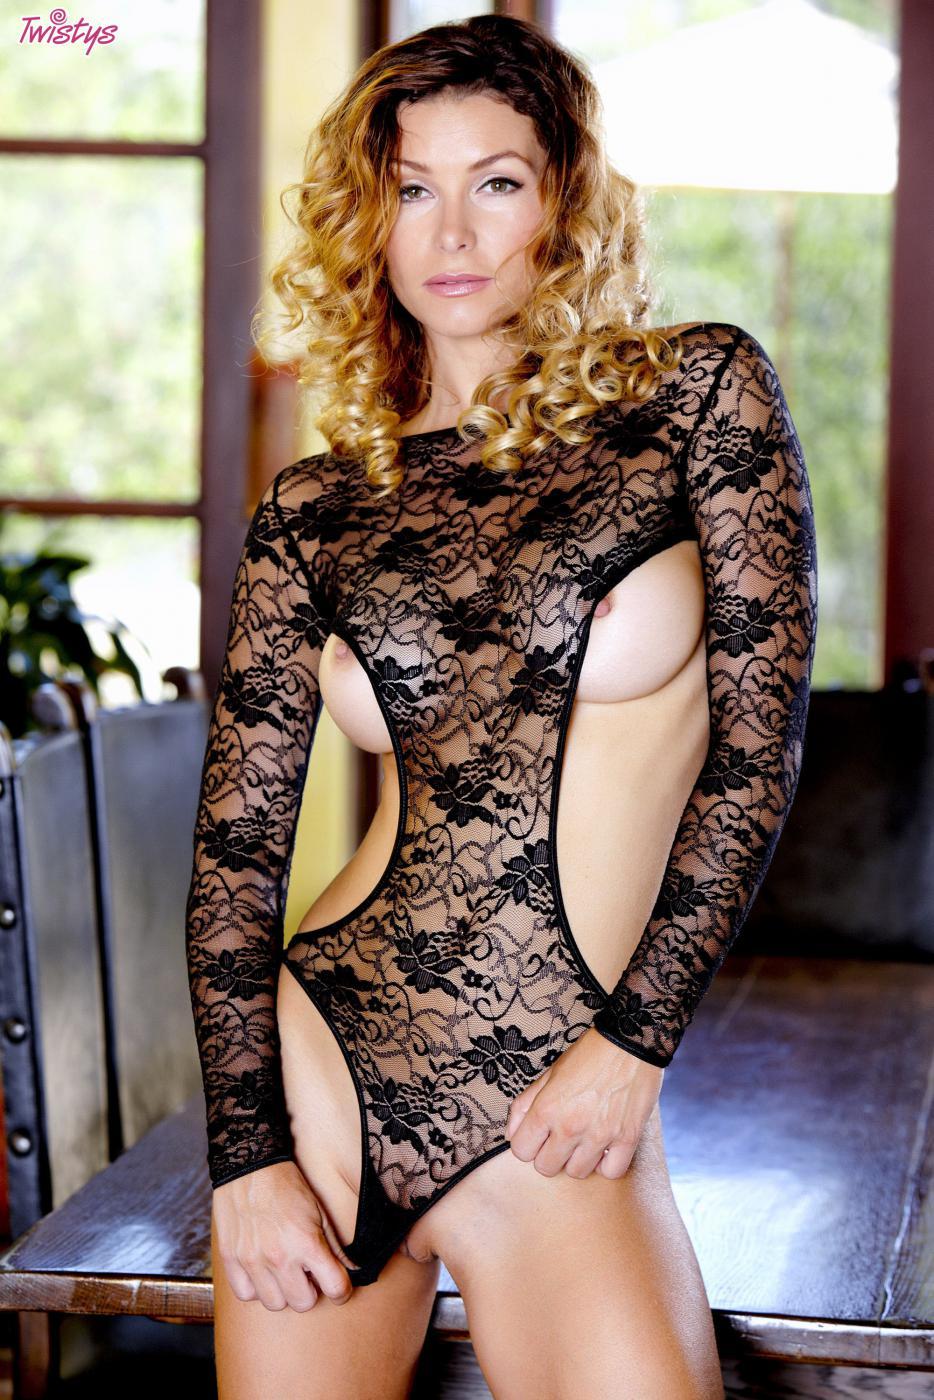 Блондиночка Heather Vandeven обнажает свое волшебное туловище в белье и без него